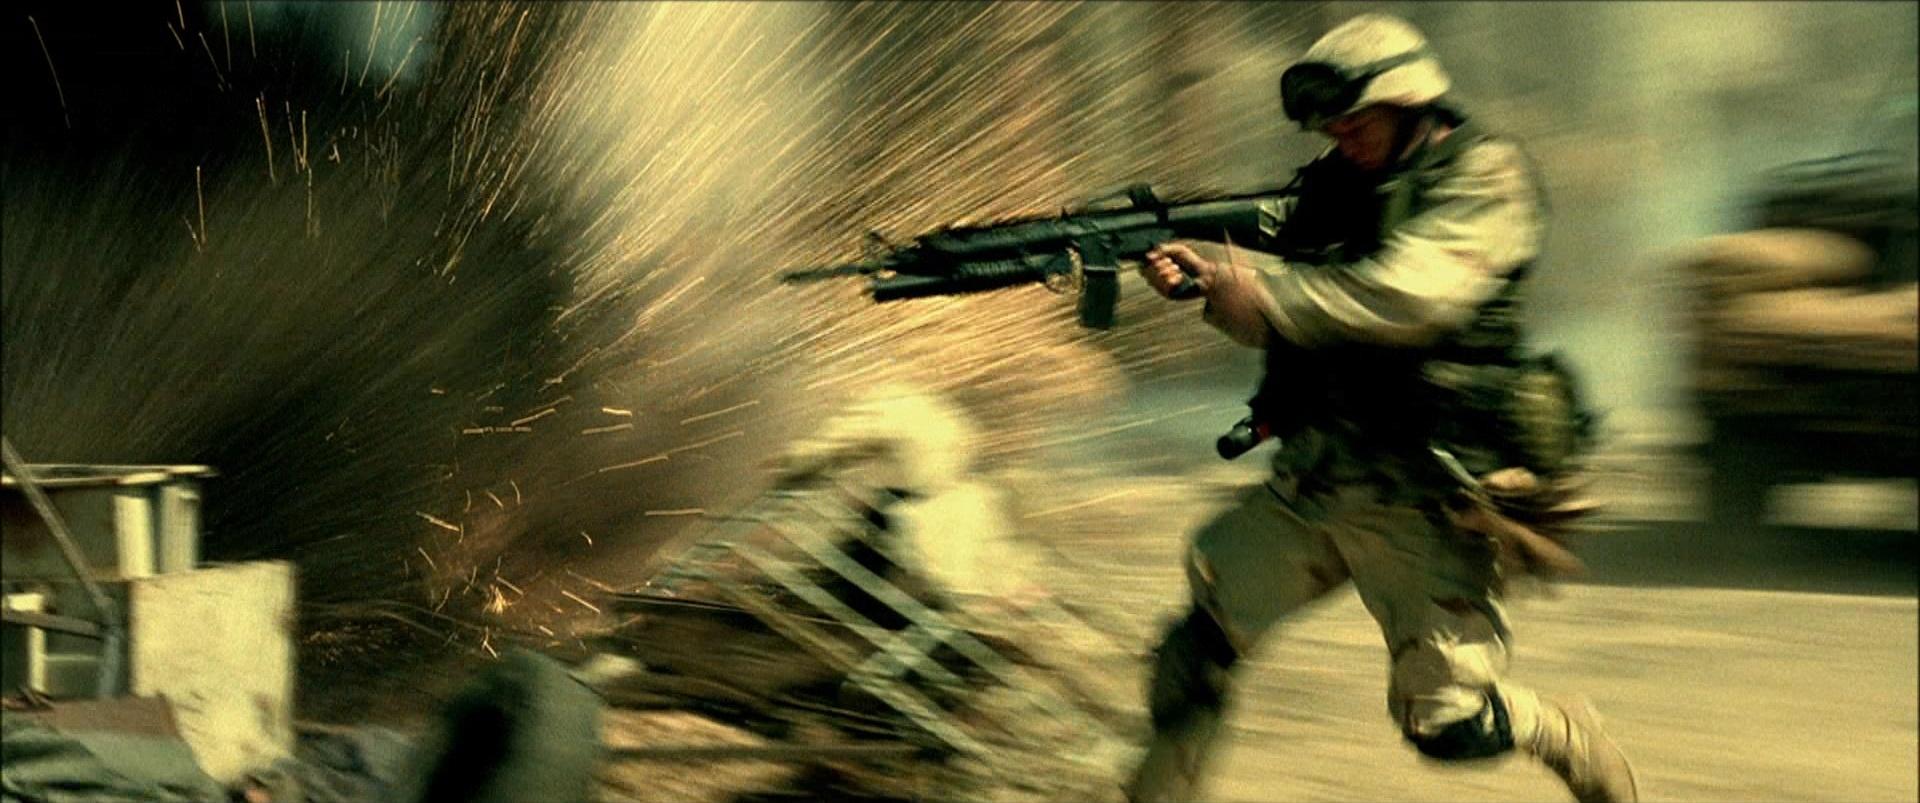 10º - Falcão Negro em Perigo (2001)